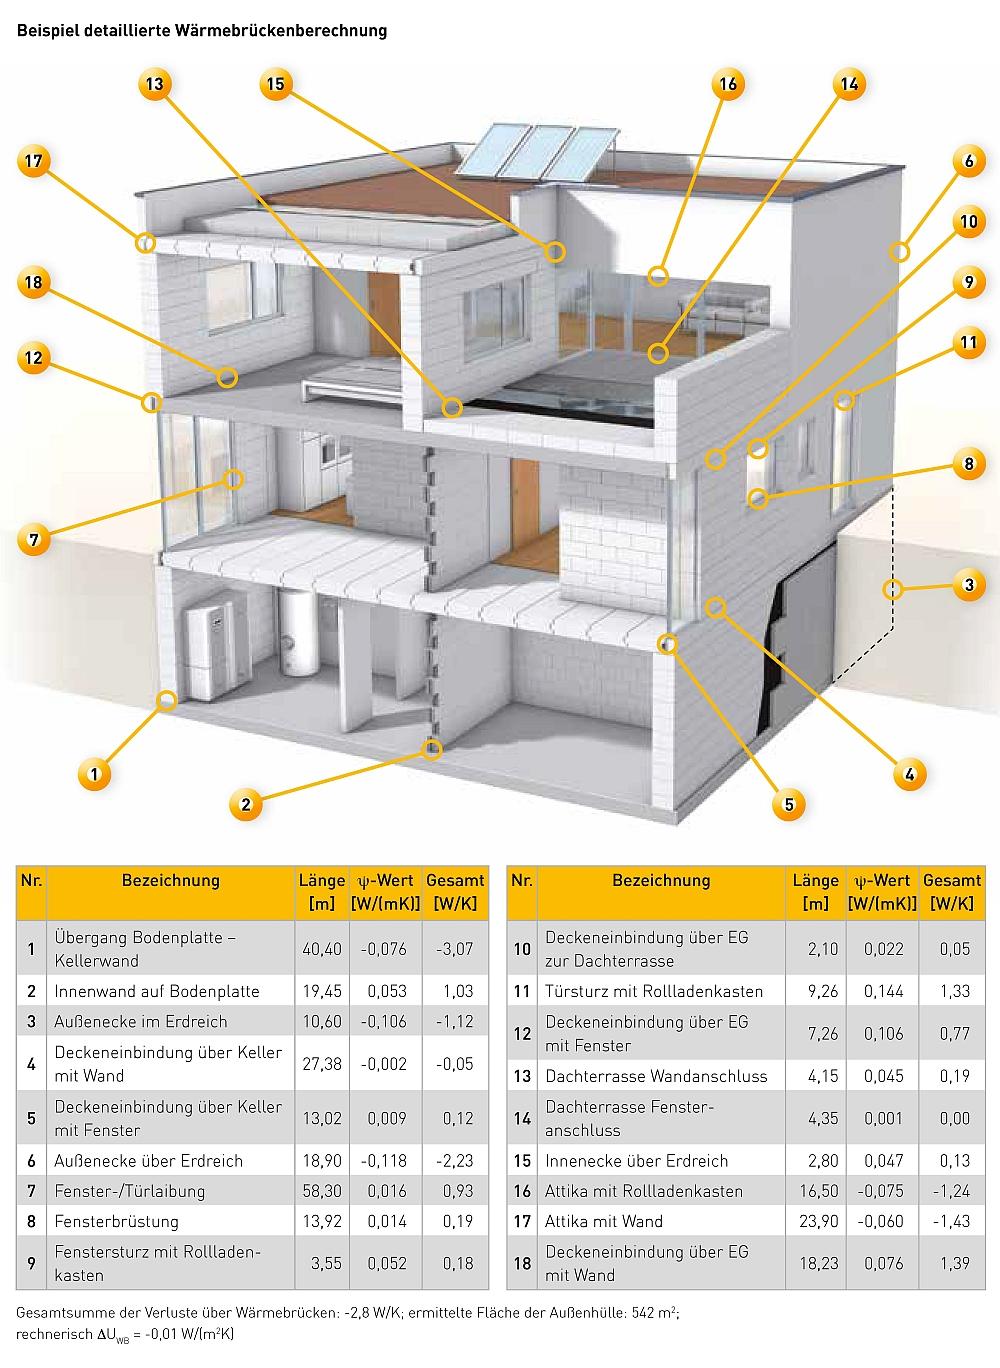 Beispiel detaillierte Wärmebrückenberechnung